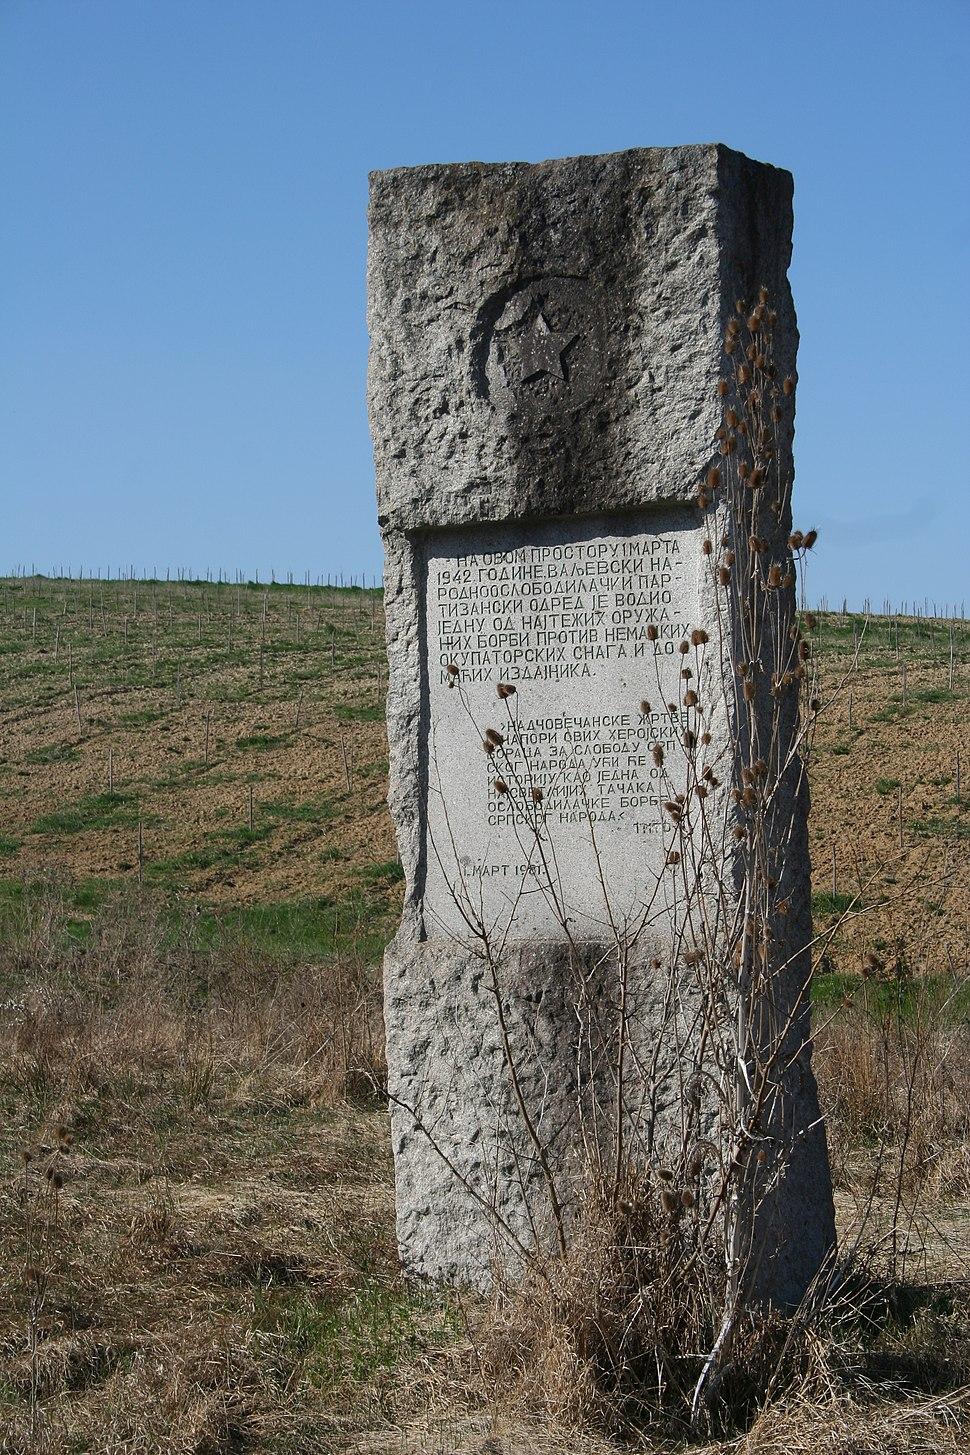 Spomenika NOB-a, Gola Glava 002